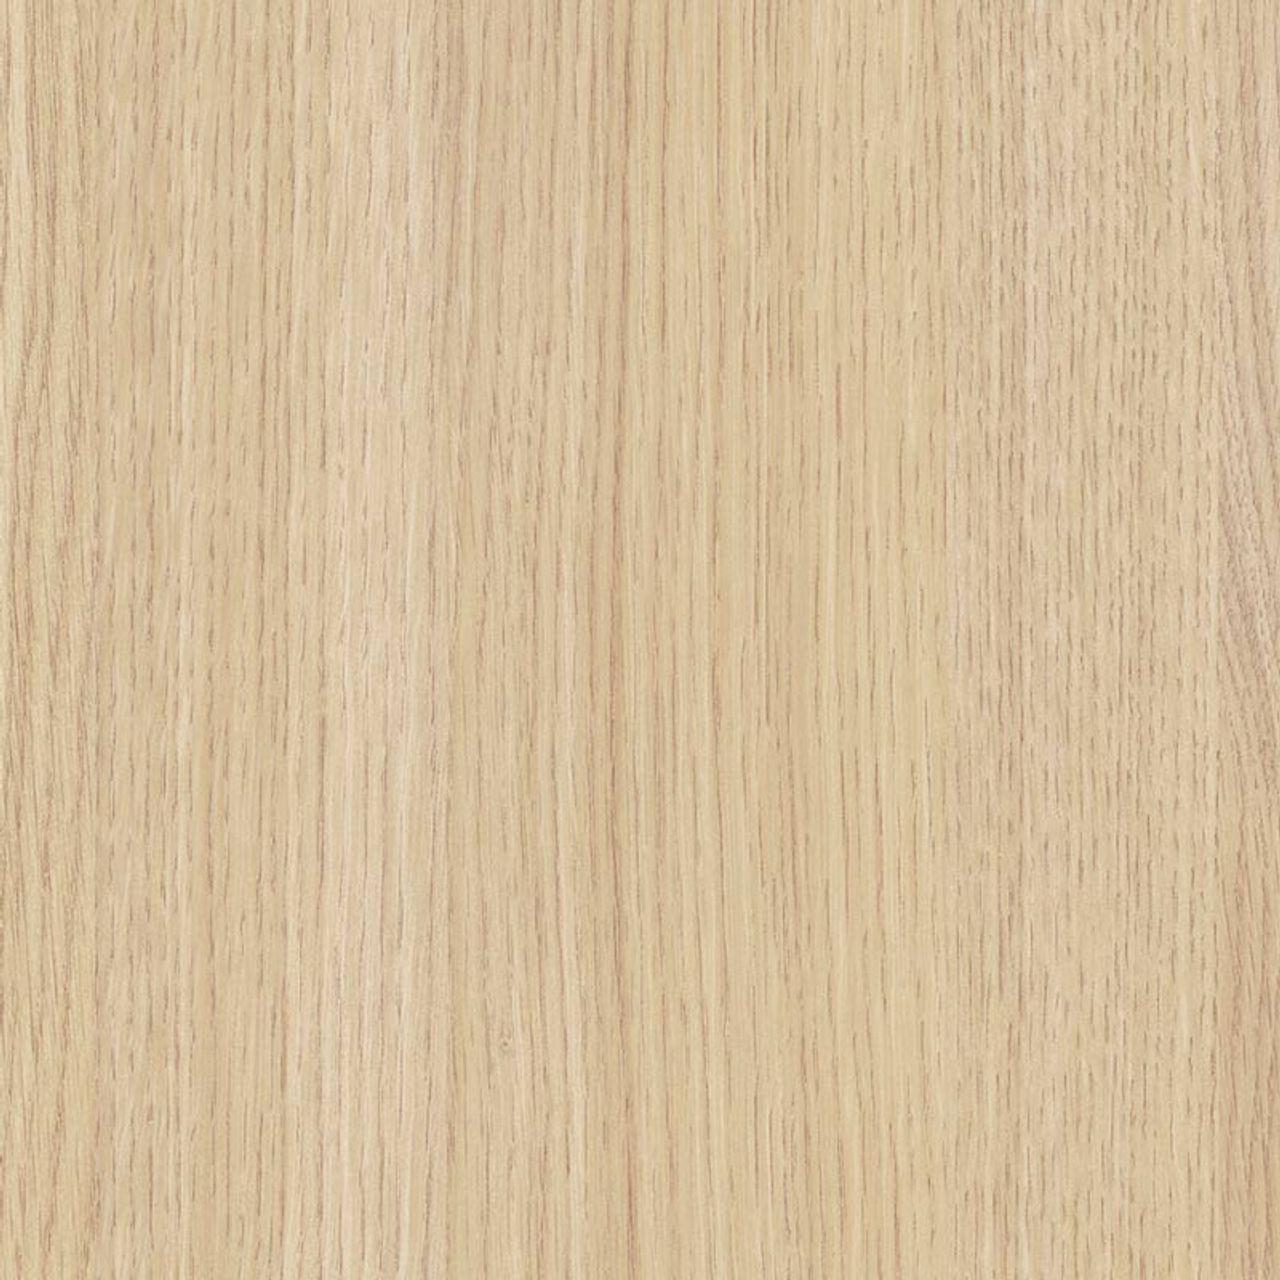 W27 Denver Oak